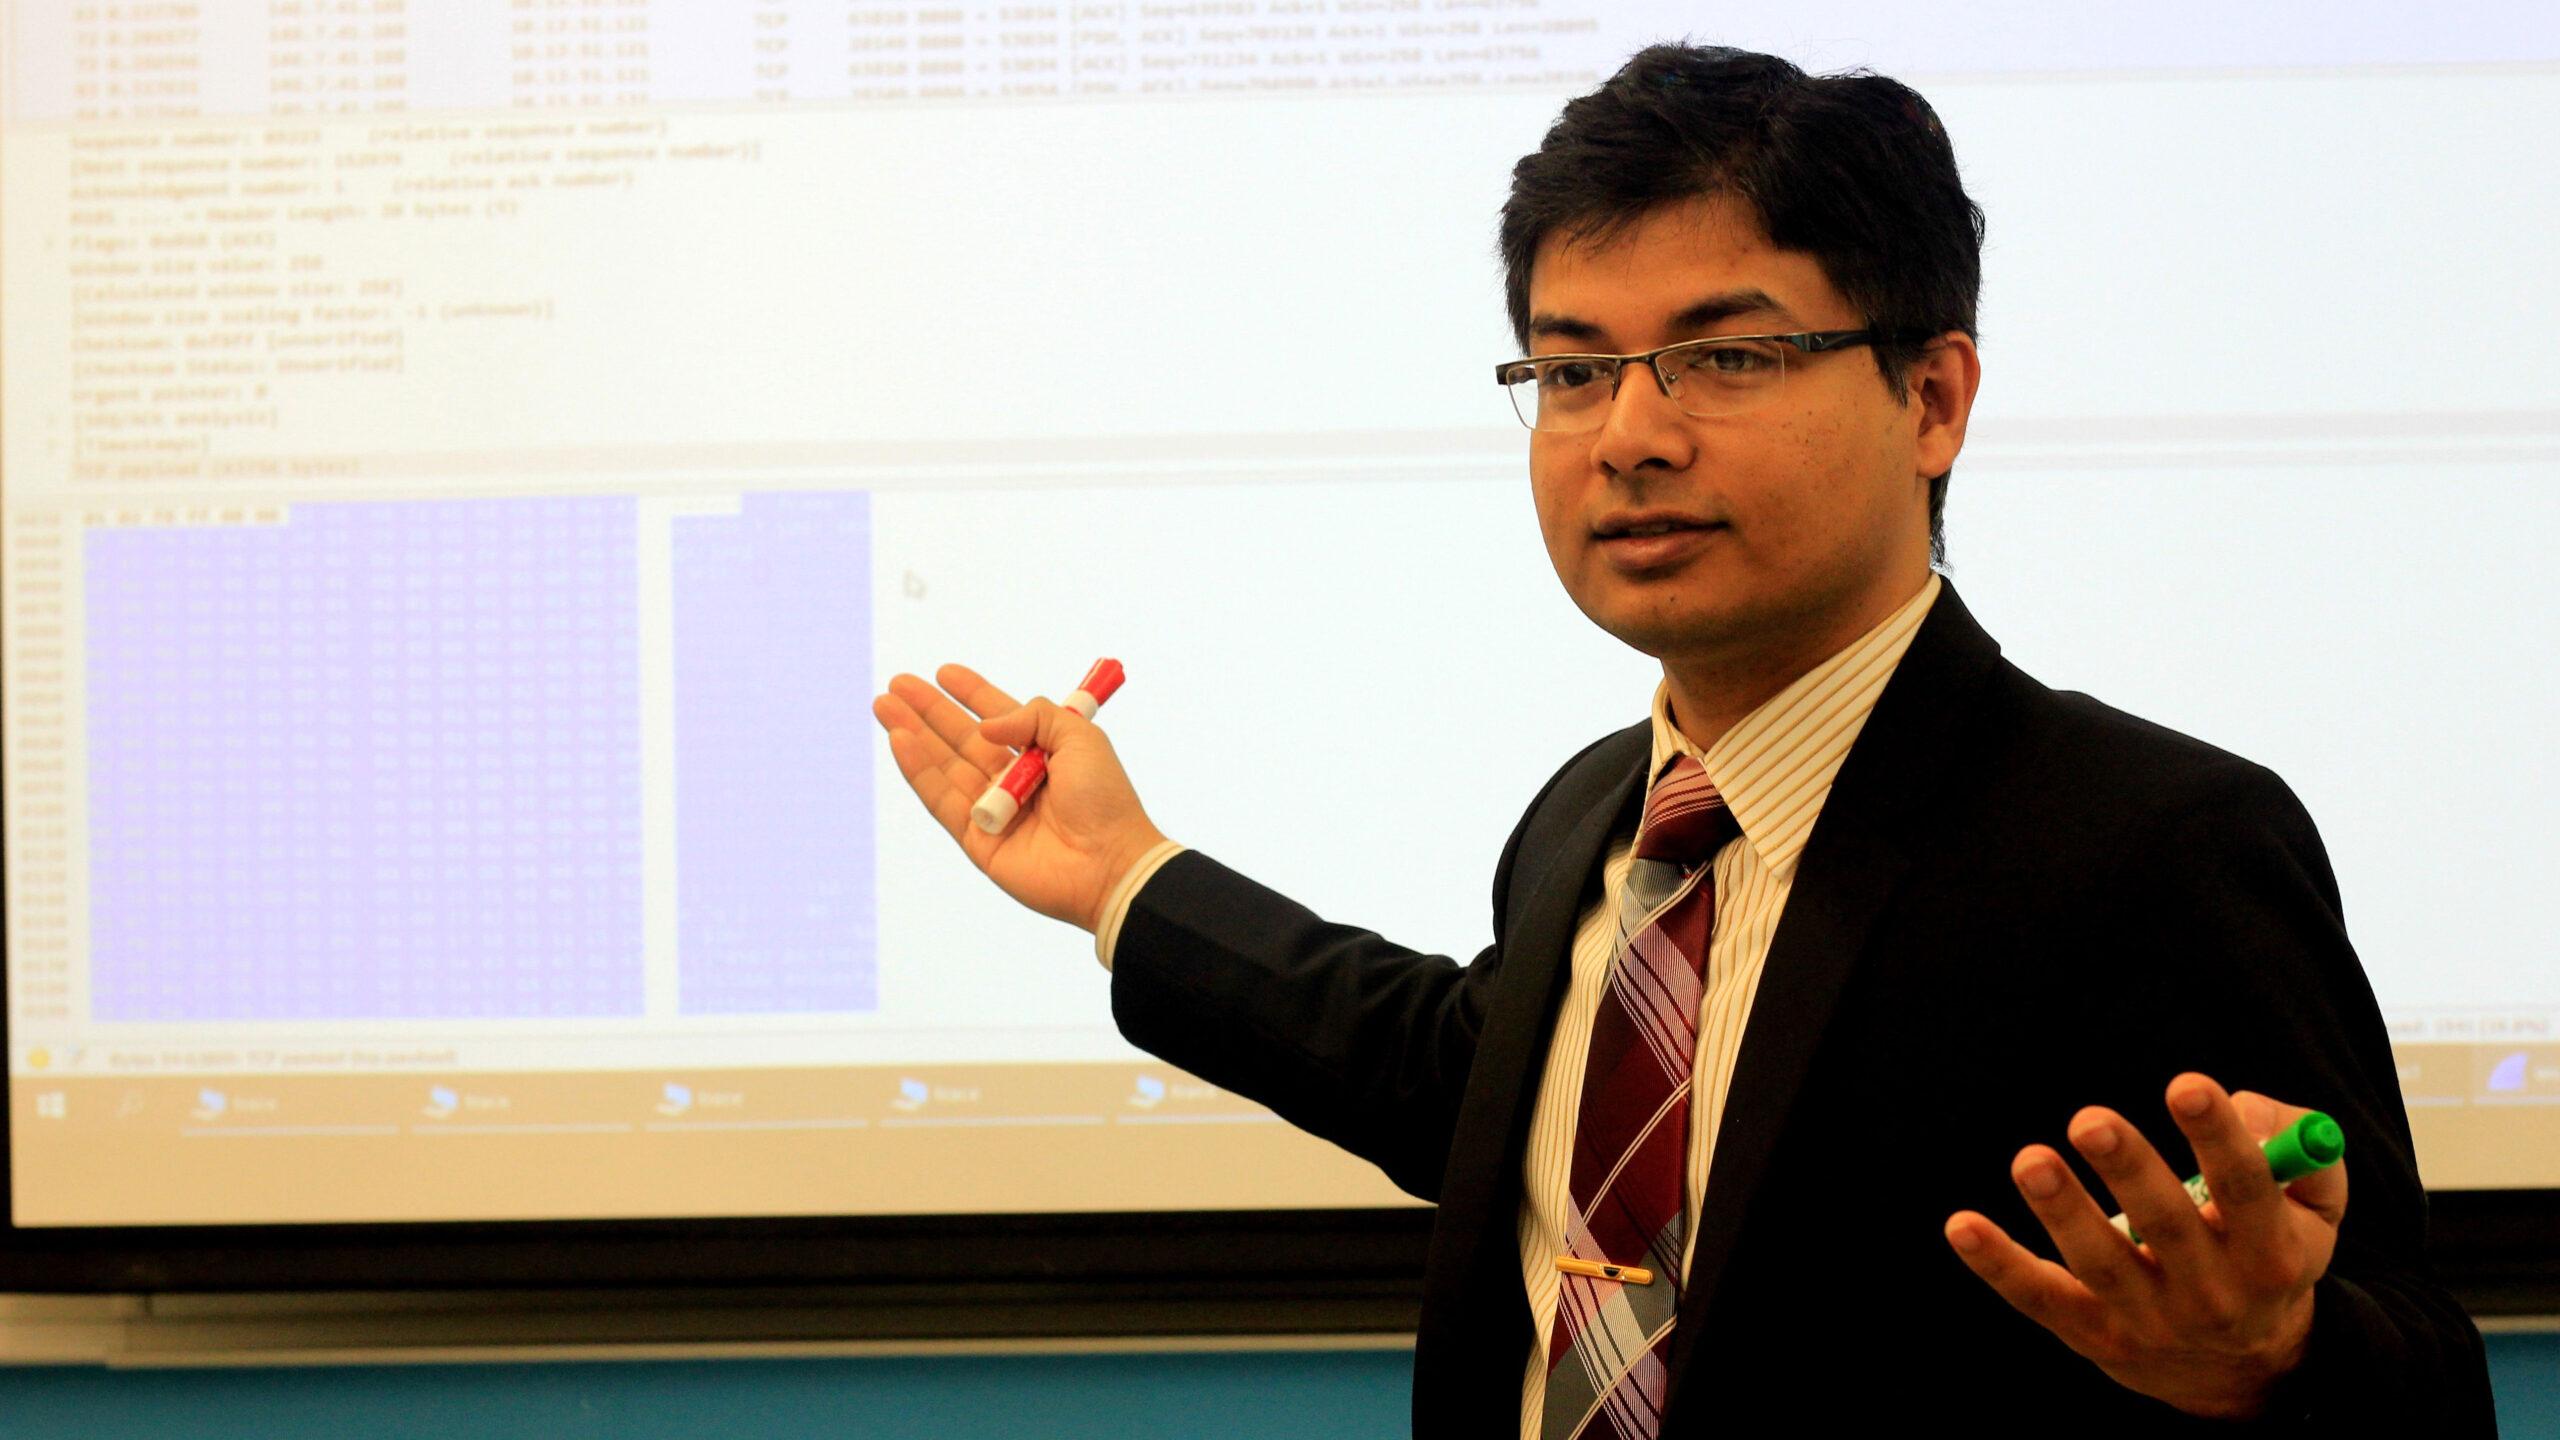 Iqbal teaching his class